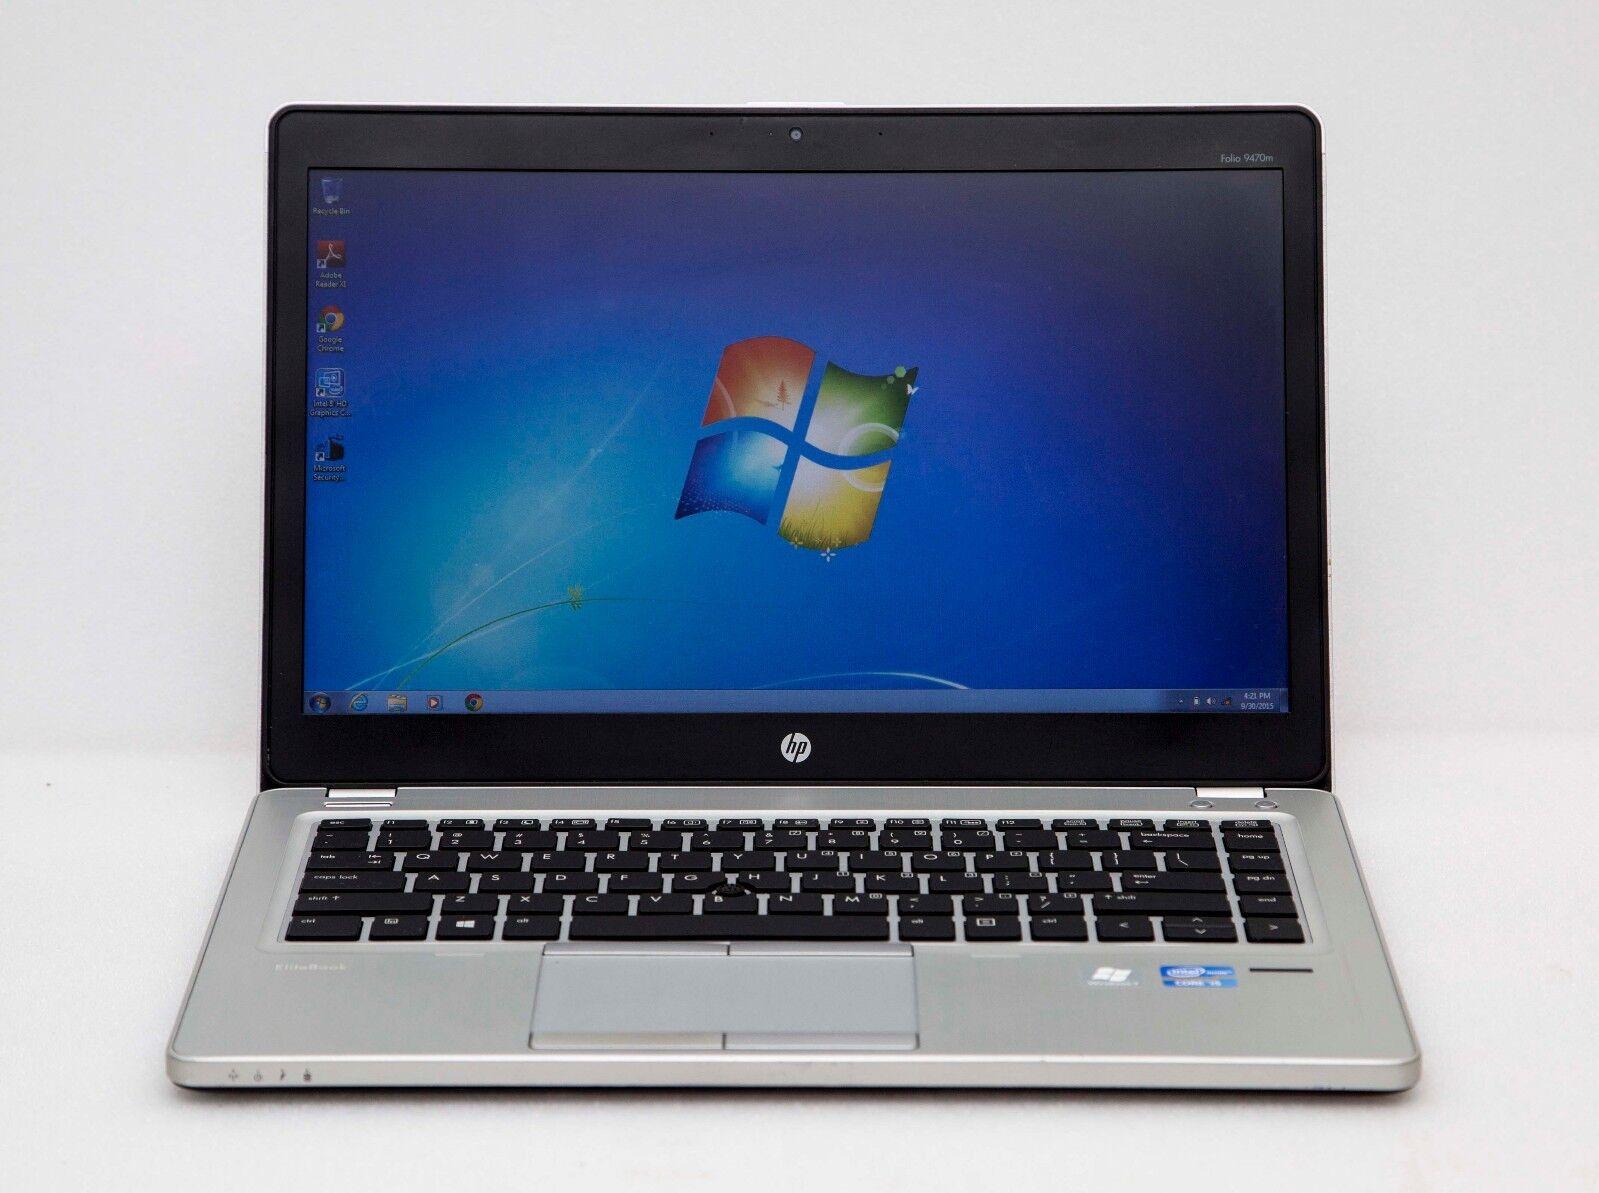 """HP Ultrabook Folio 9470m 14"""" Core i5-3437u 1.9/8/250GB Win7 Webcam Slim Laptop"""